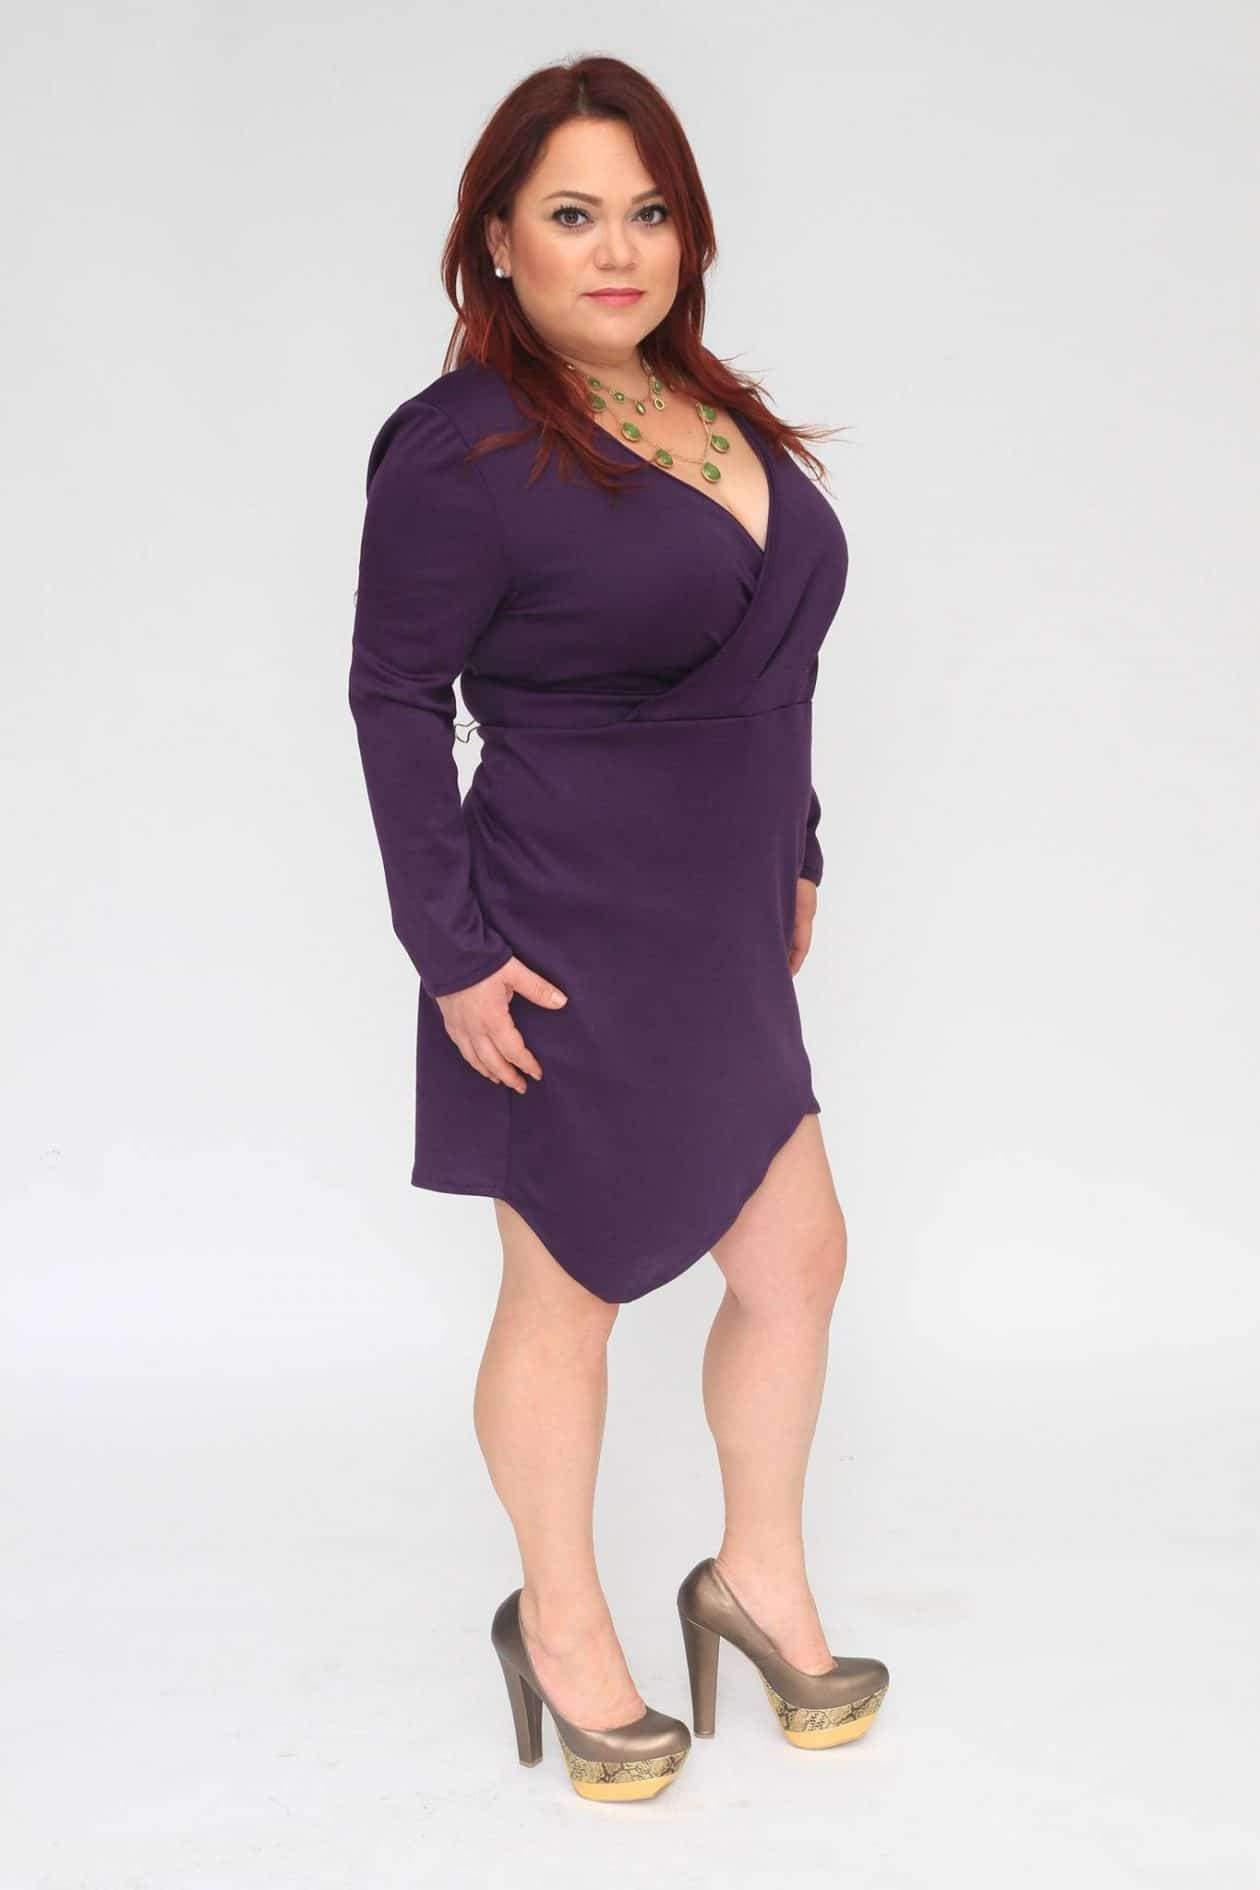 Myrda J Petite Plus Size & Custom: Wrap Dress